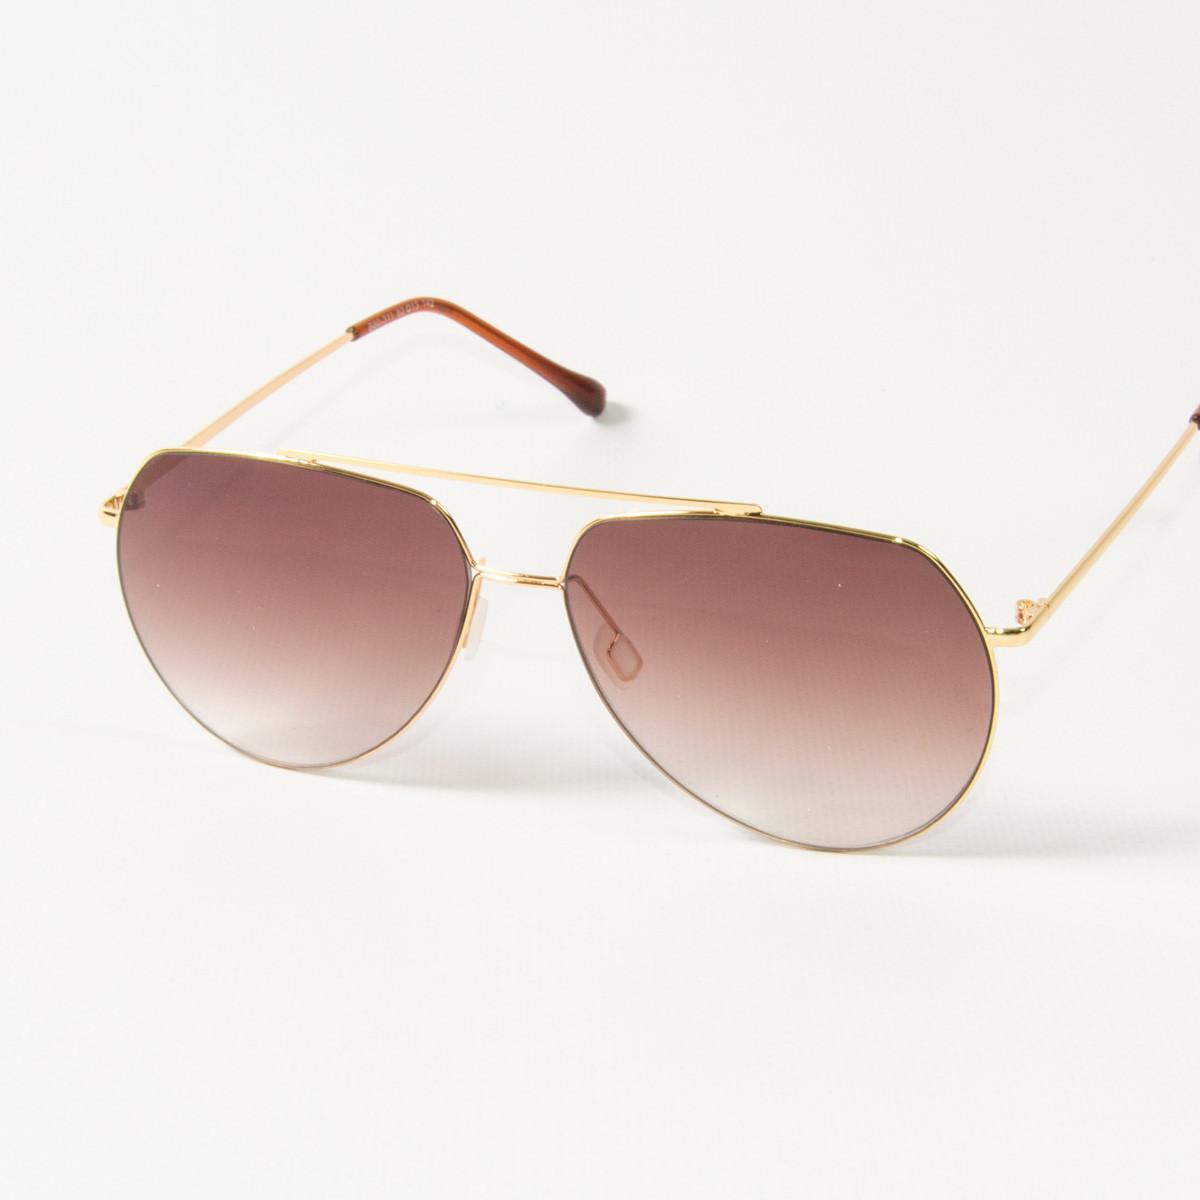 Оптом солнцезащитные очки авиаторы  (арт. B80-311/1) коричневые